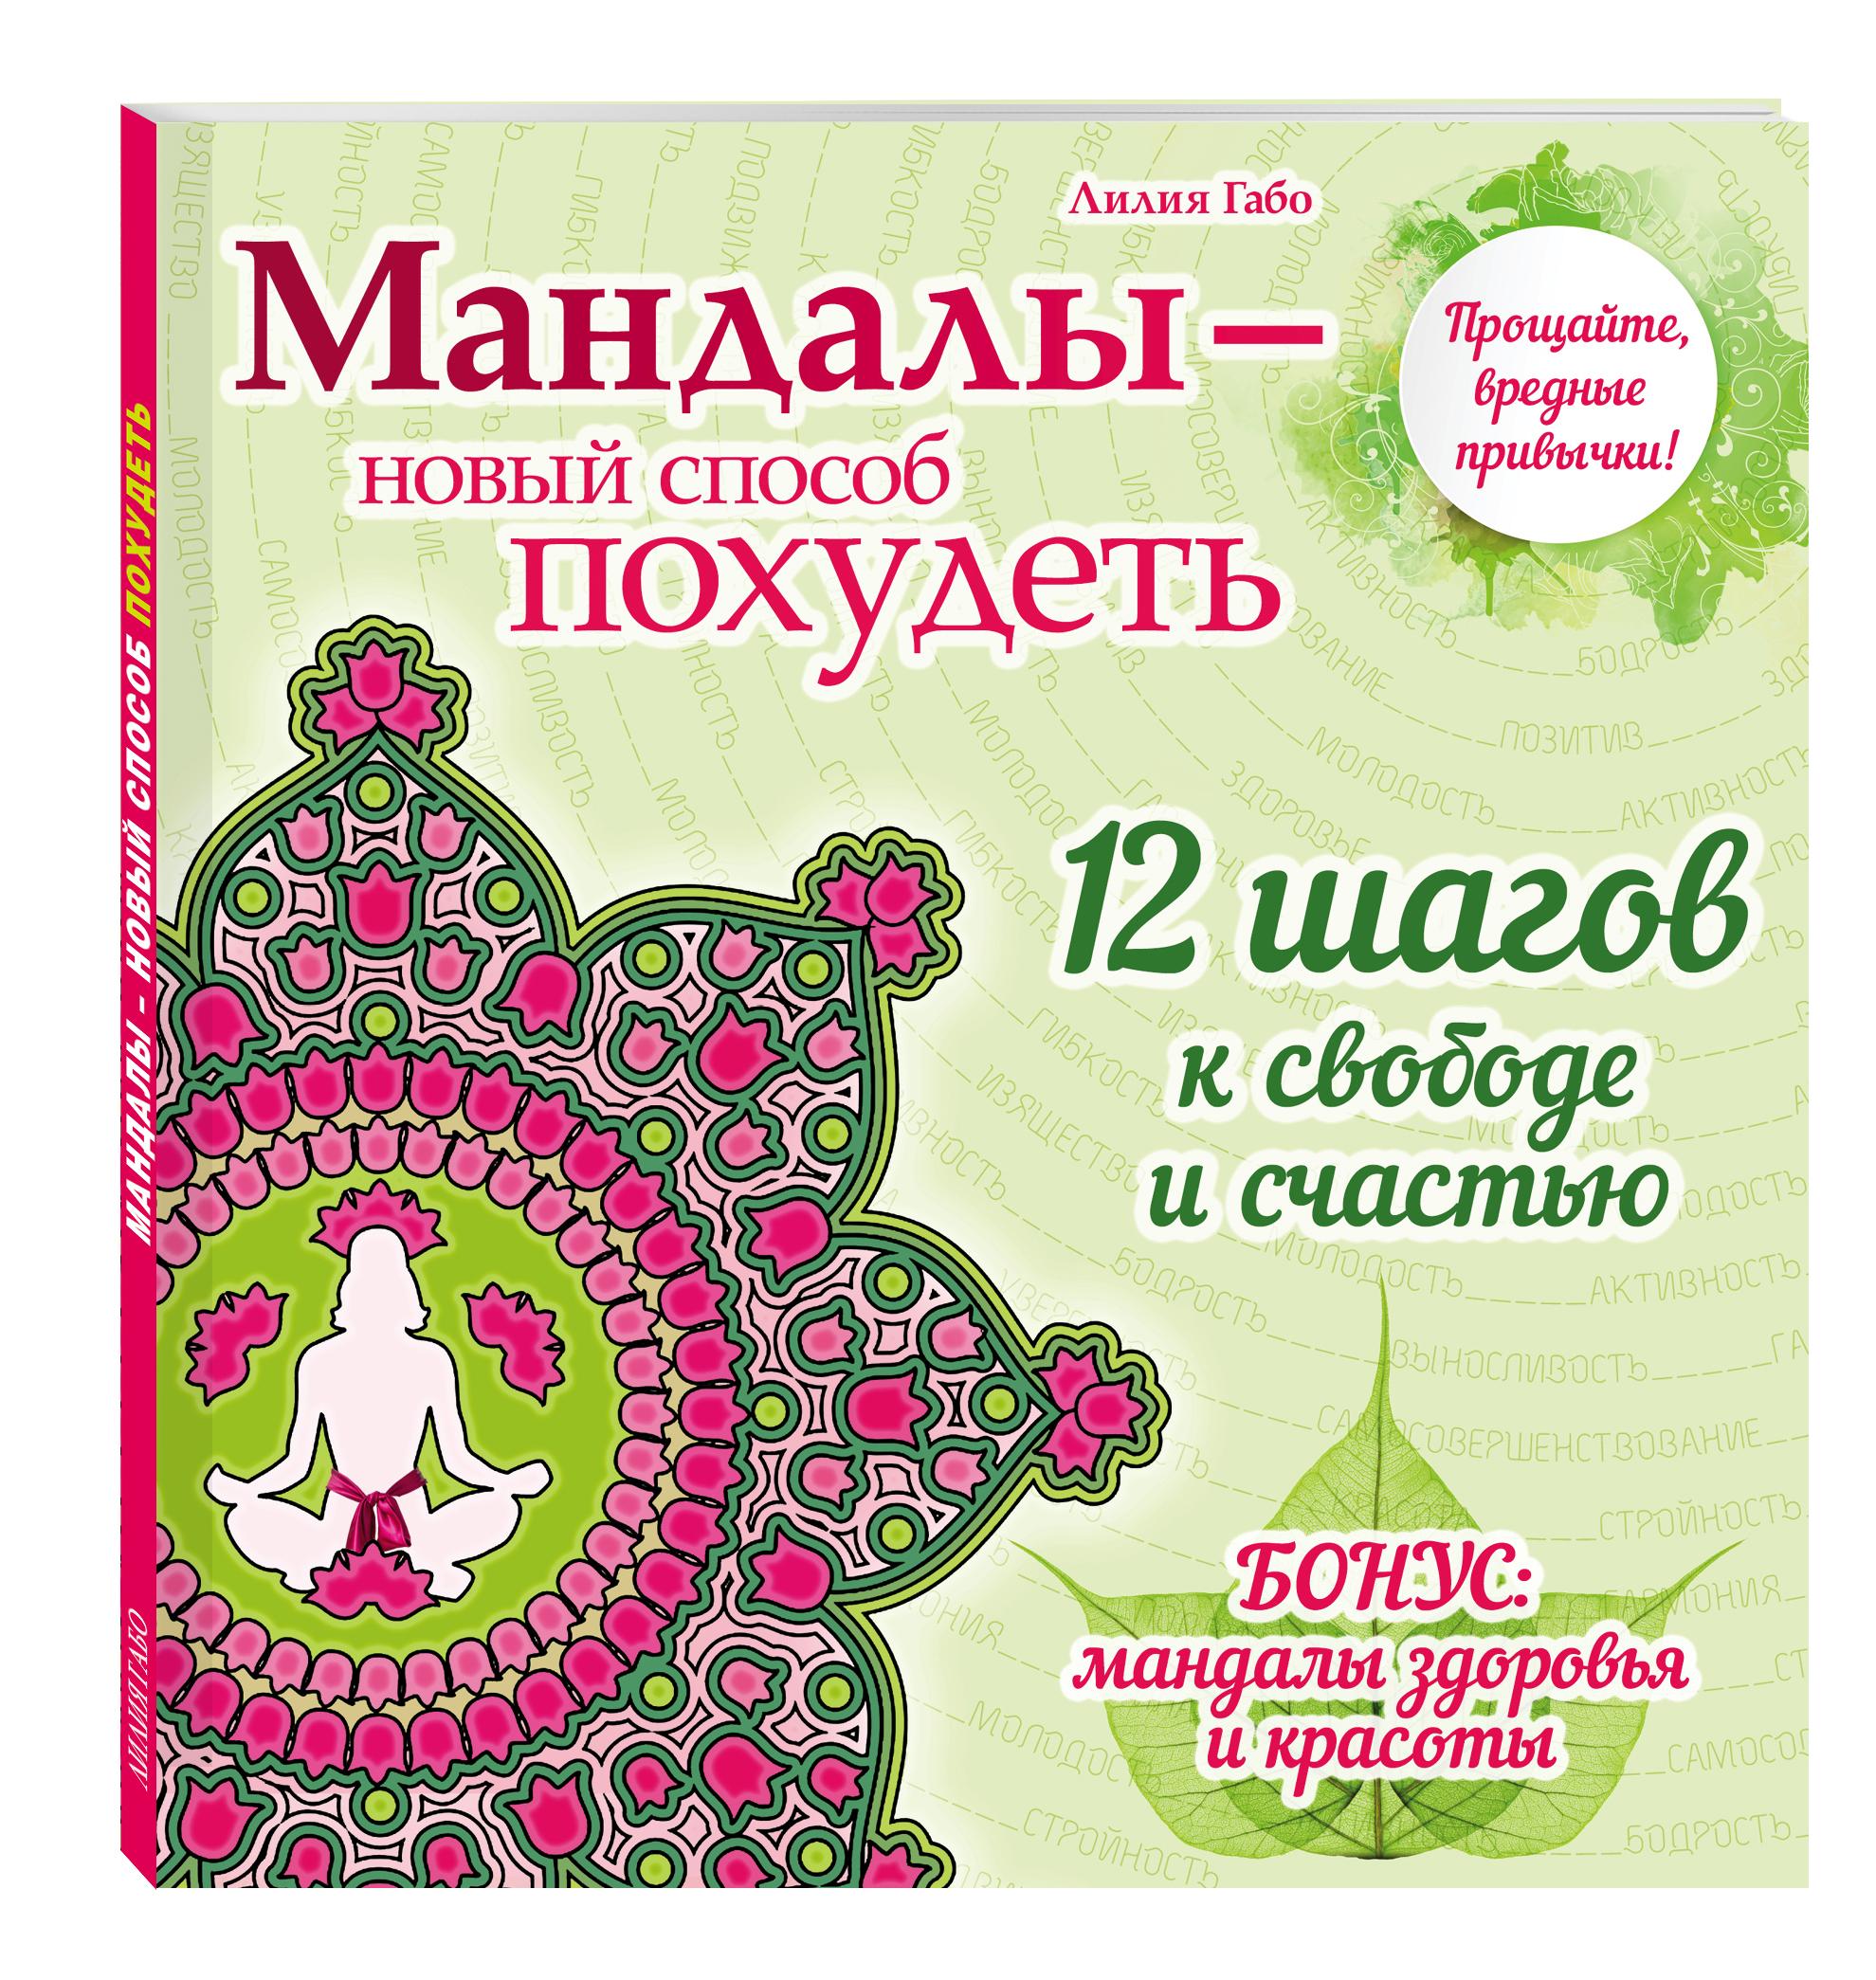 лилия габо мандалы новый способ бросить курить раскраска Лилия Габо Мандалы - новый способ похудеть (раскраска)